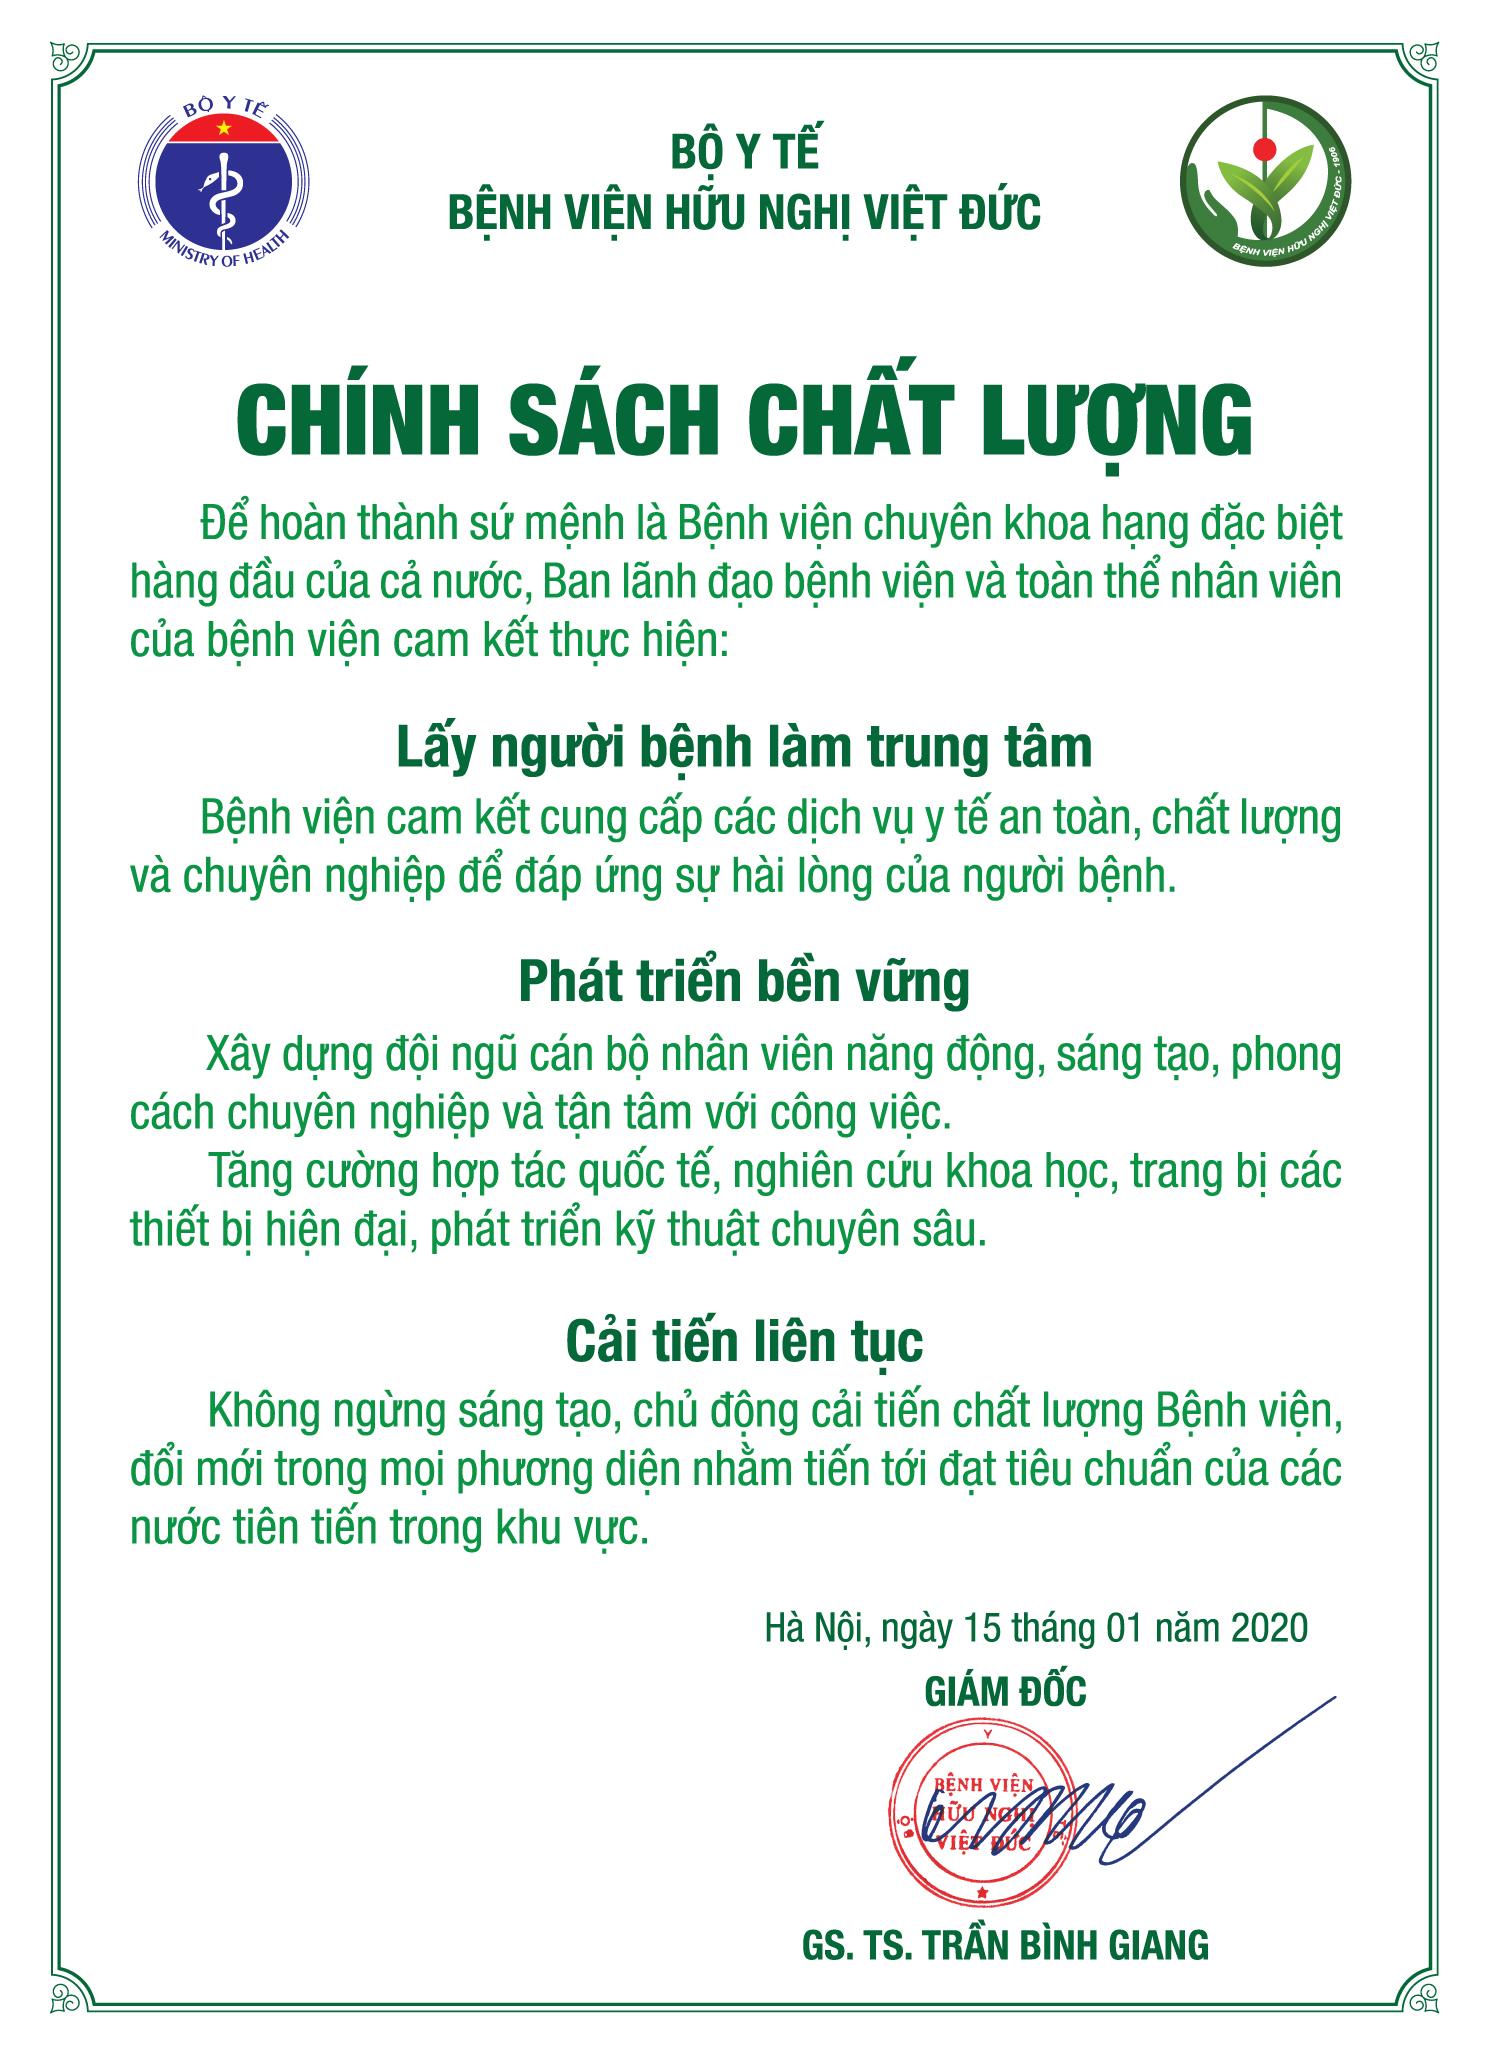 Chính sách chất lượng của Bệnh viện Hữu nghị Việt Đức